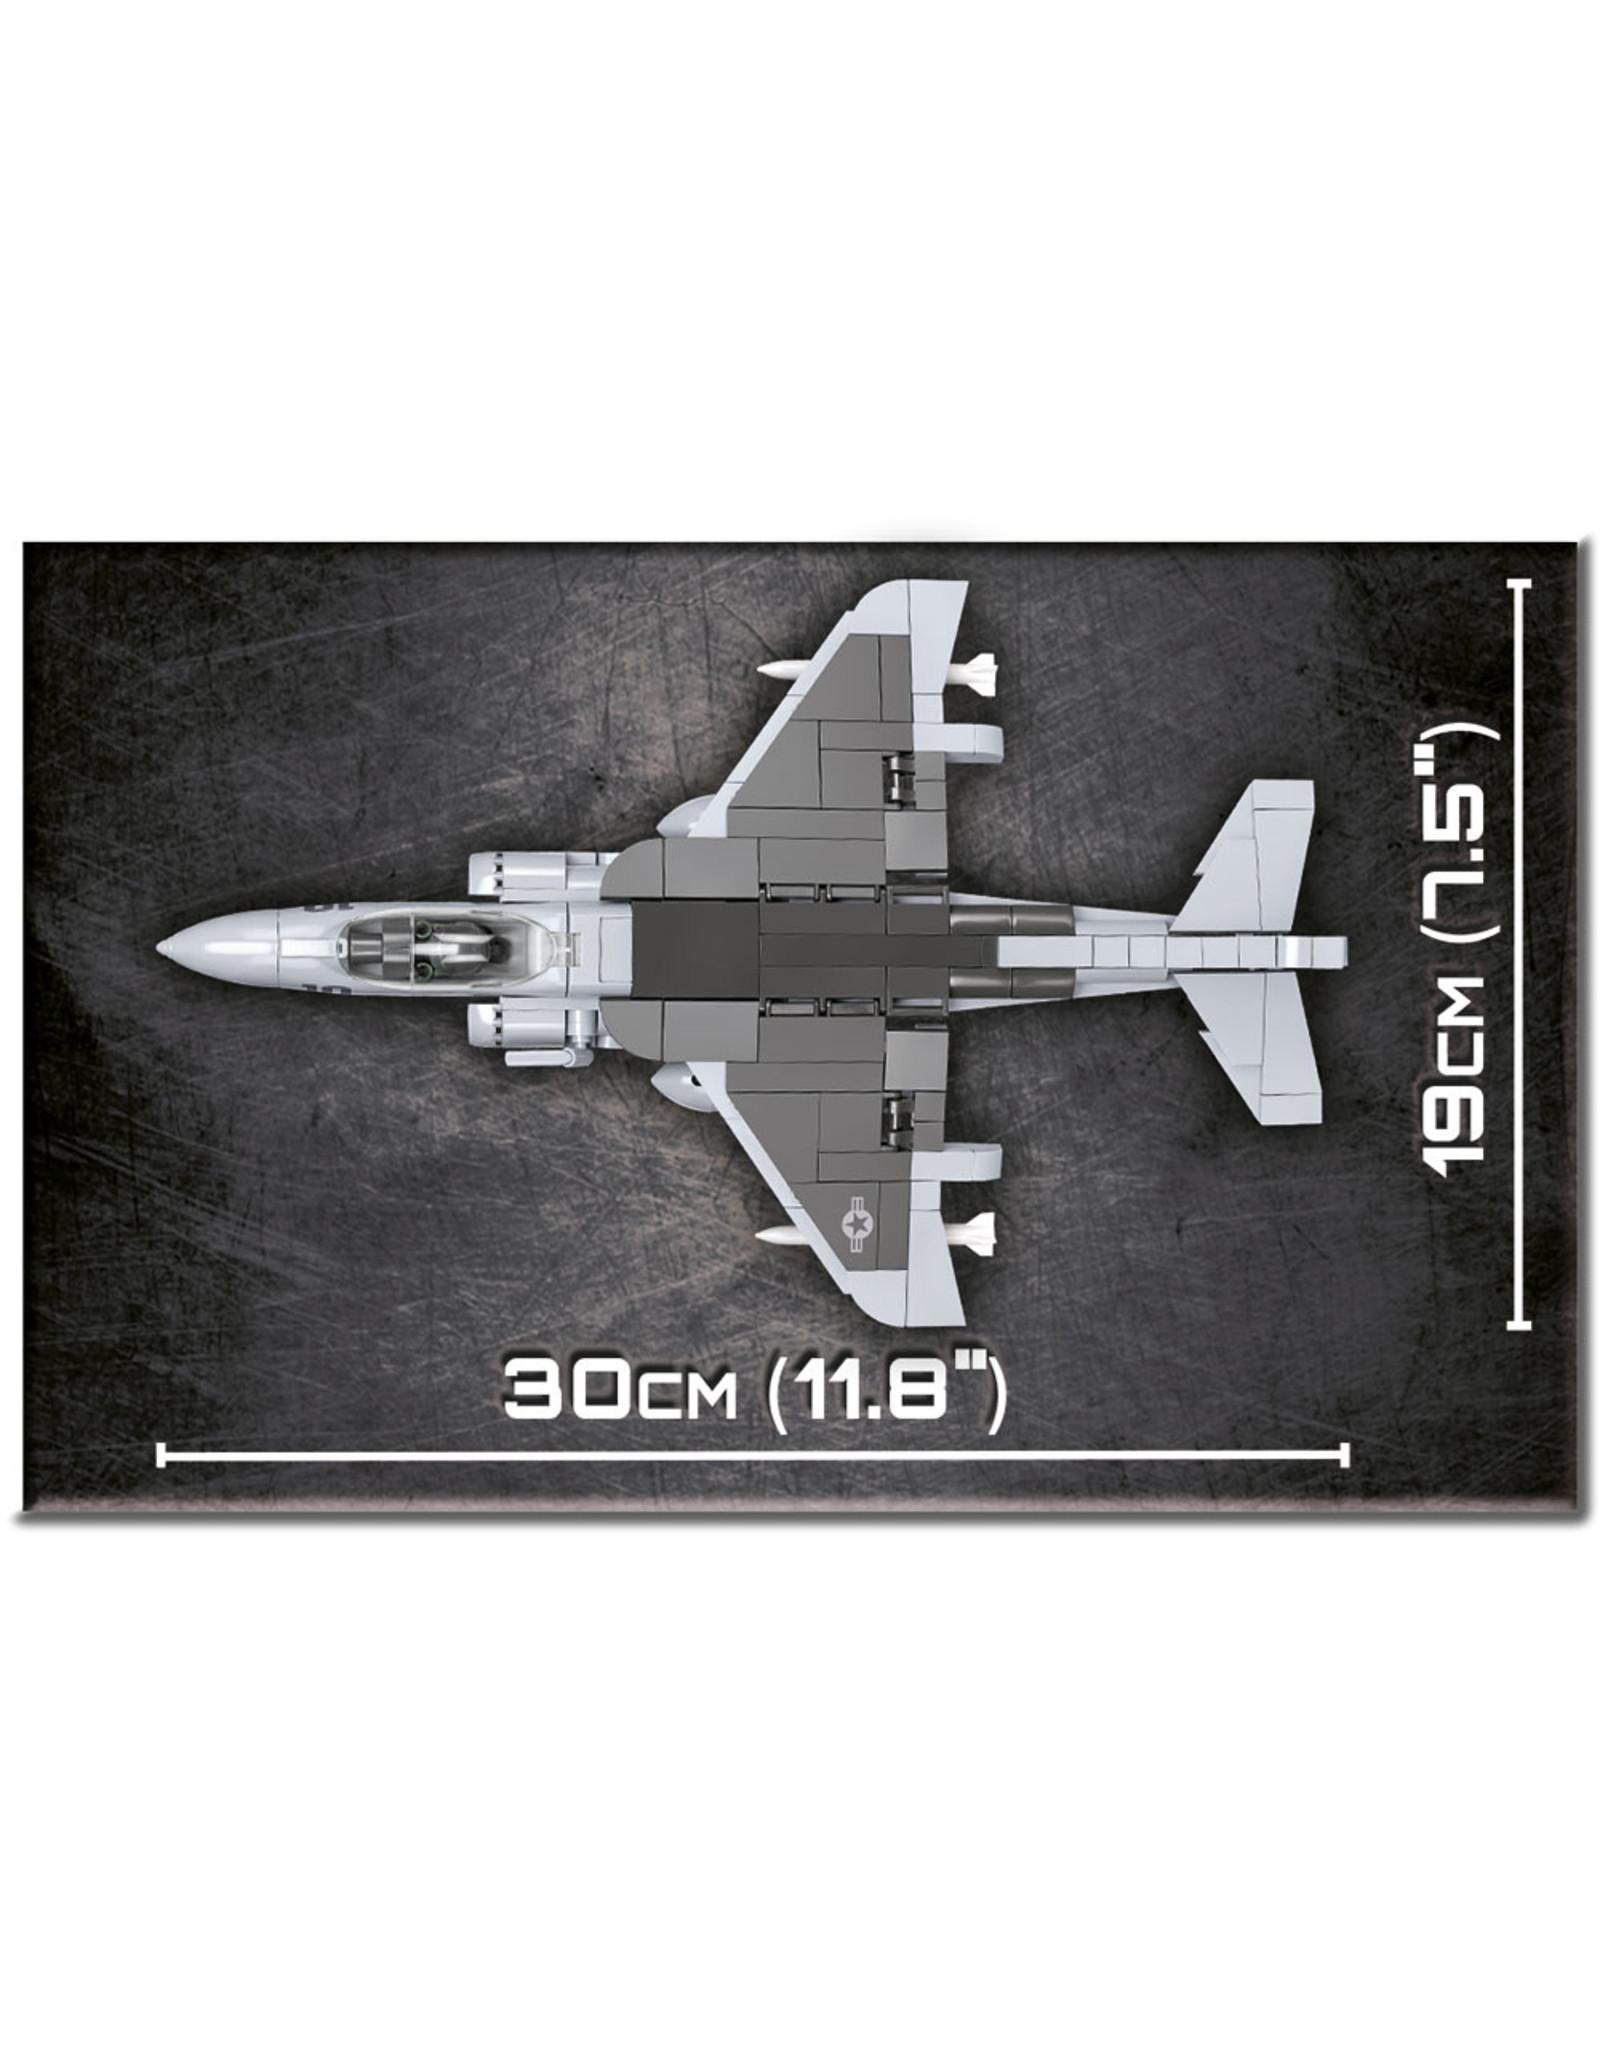 COBI COBI 5809 AV-8B Harrier II plus